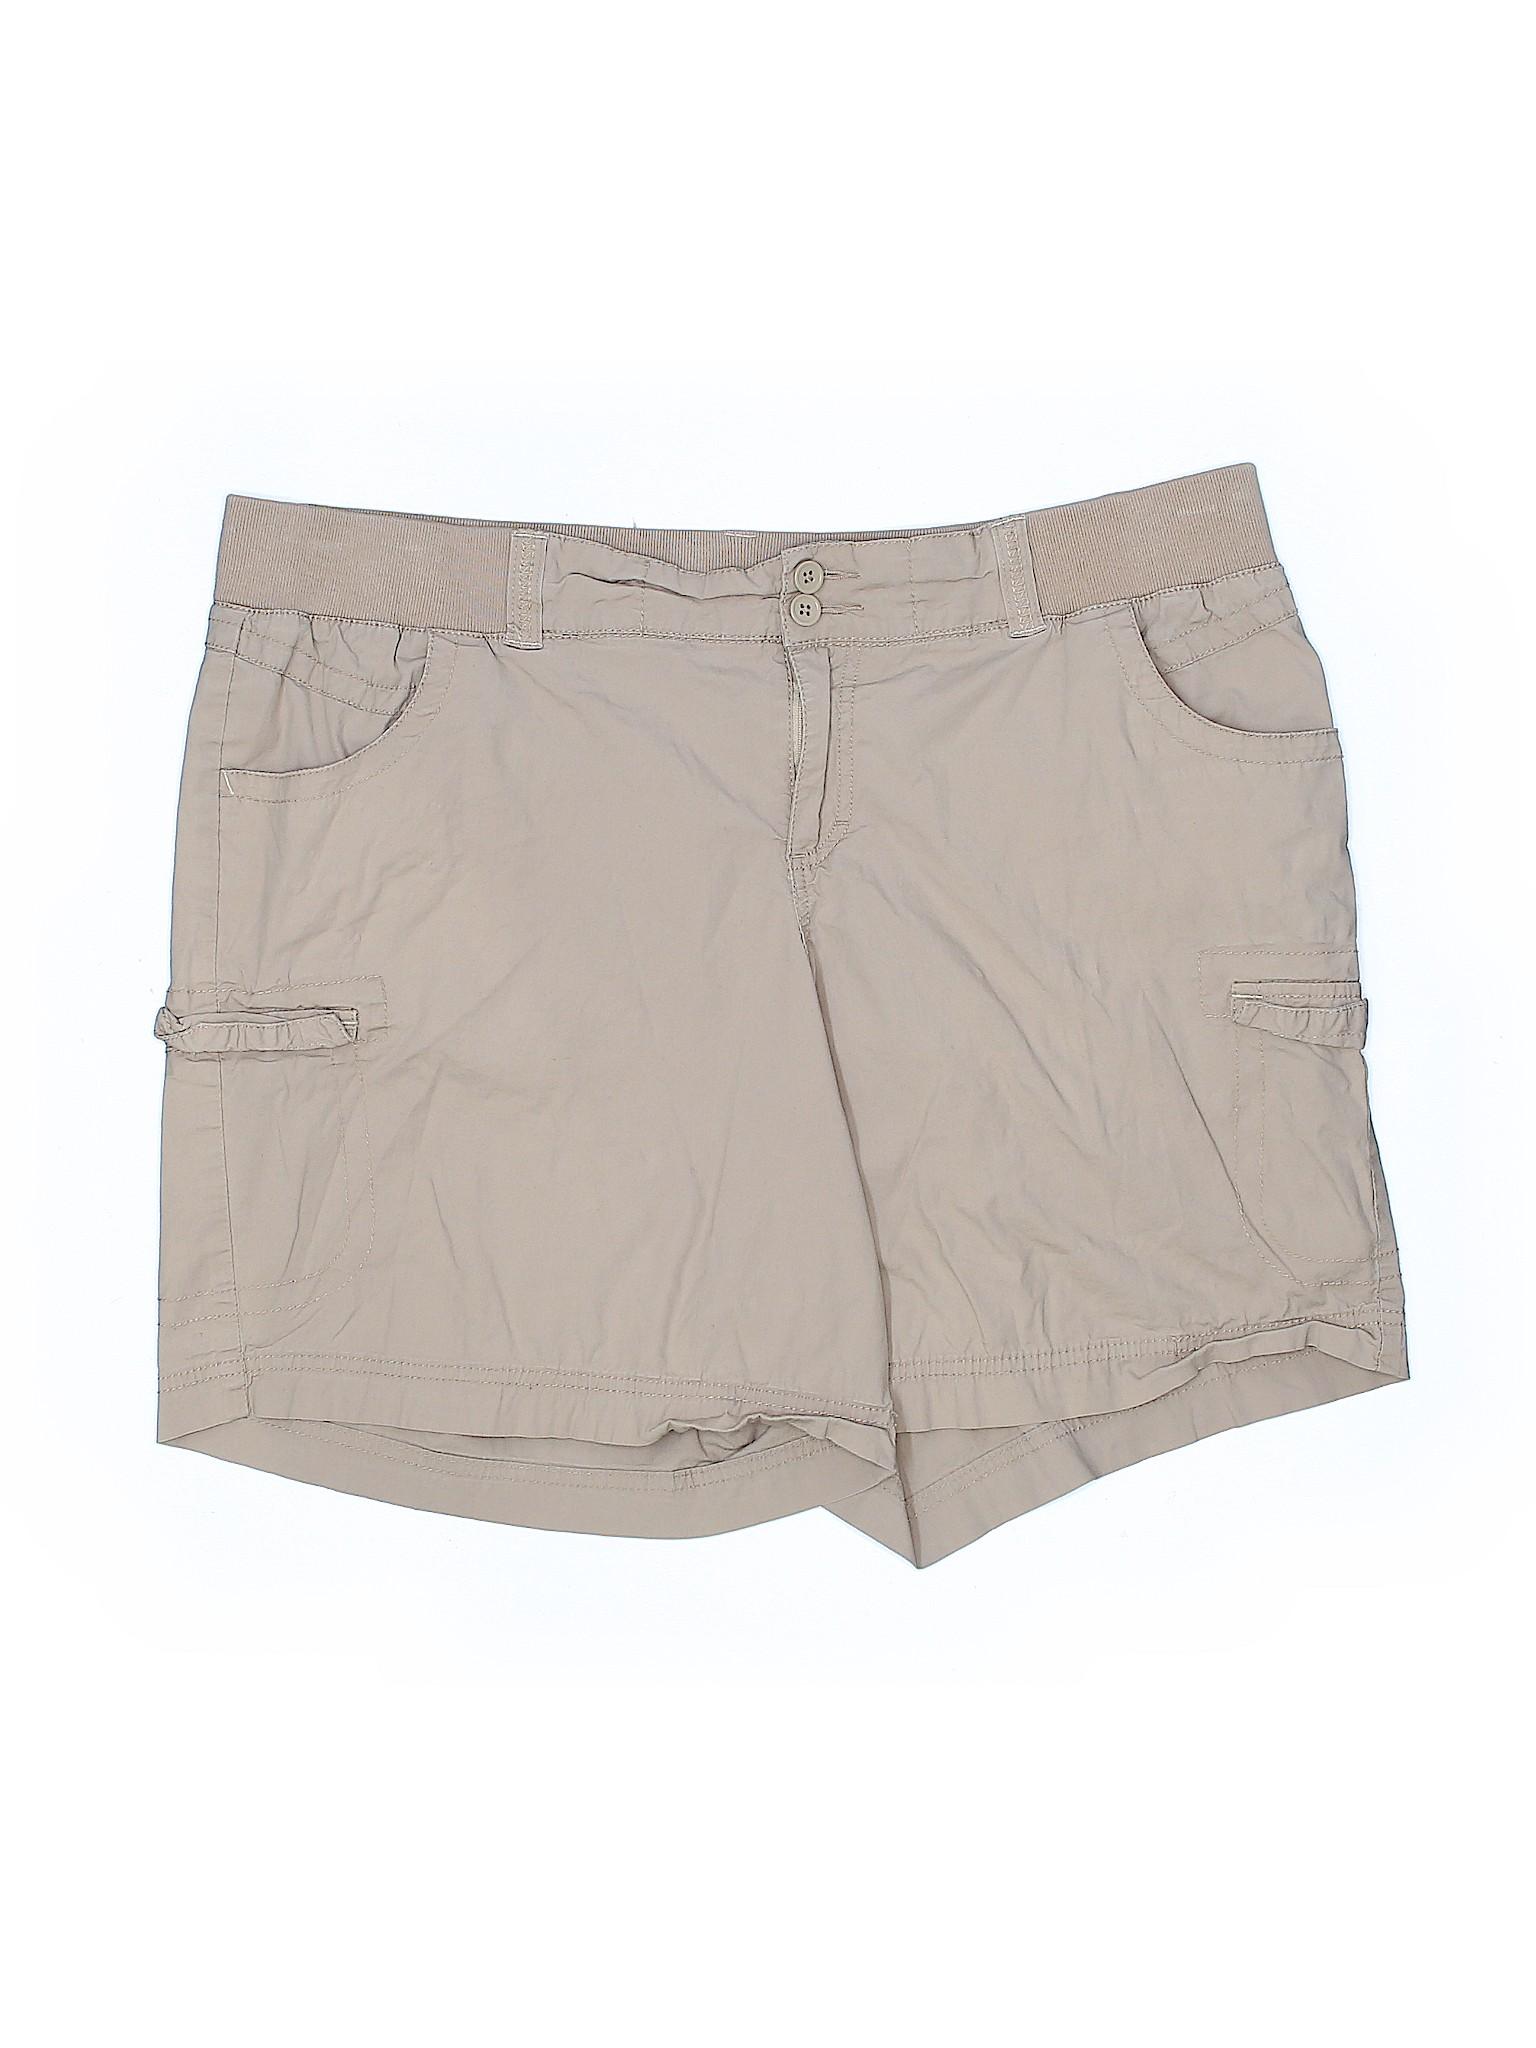 Boutique Lane Boutique Shorts Bryant Lane Shorts Boutique Bryant Boutique Bryant Shorts Lane wqS4CR5